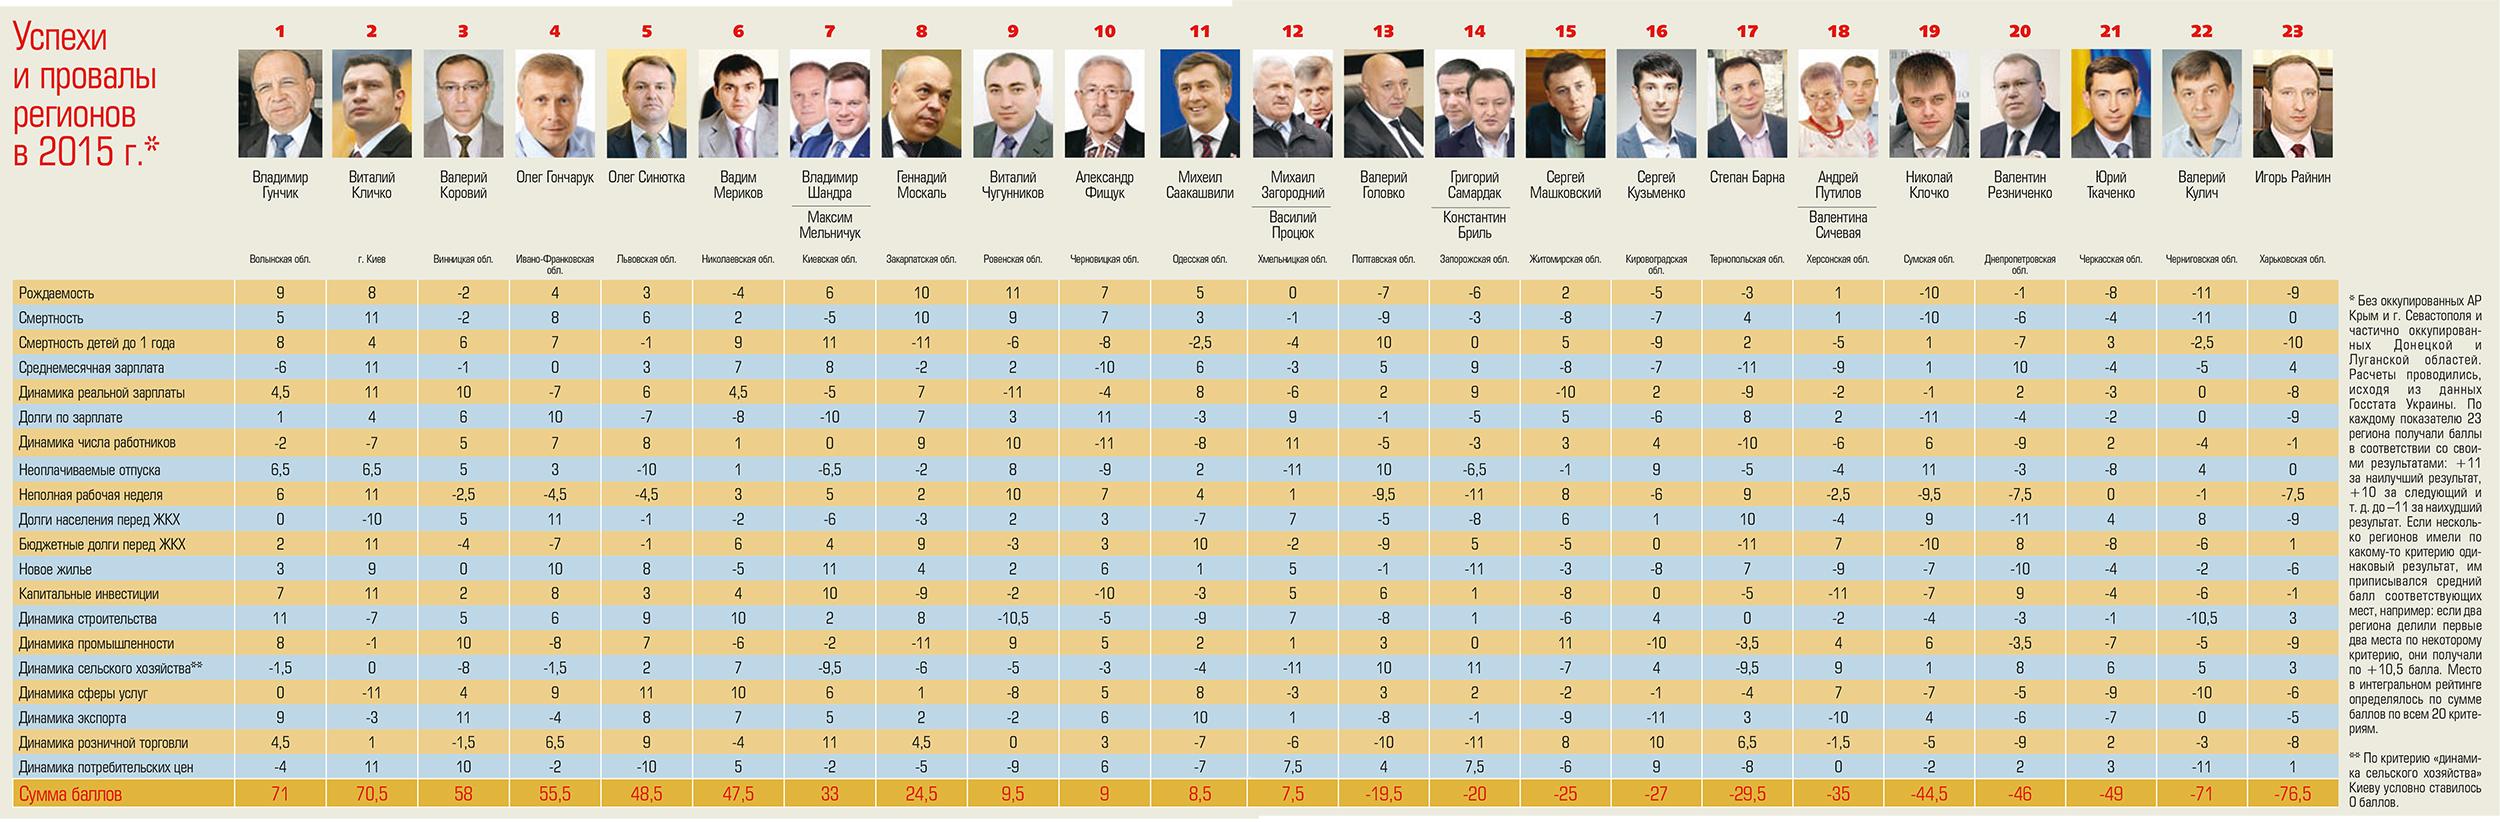 Рейтинг губернаторів 2015